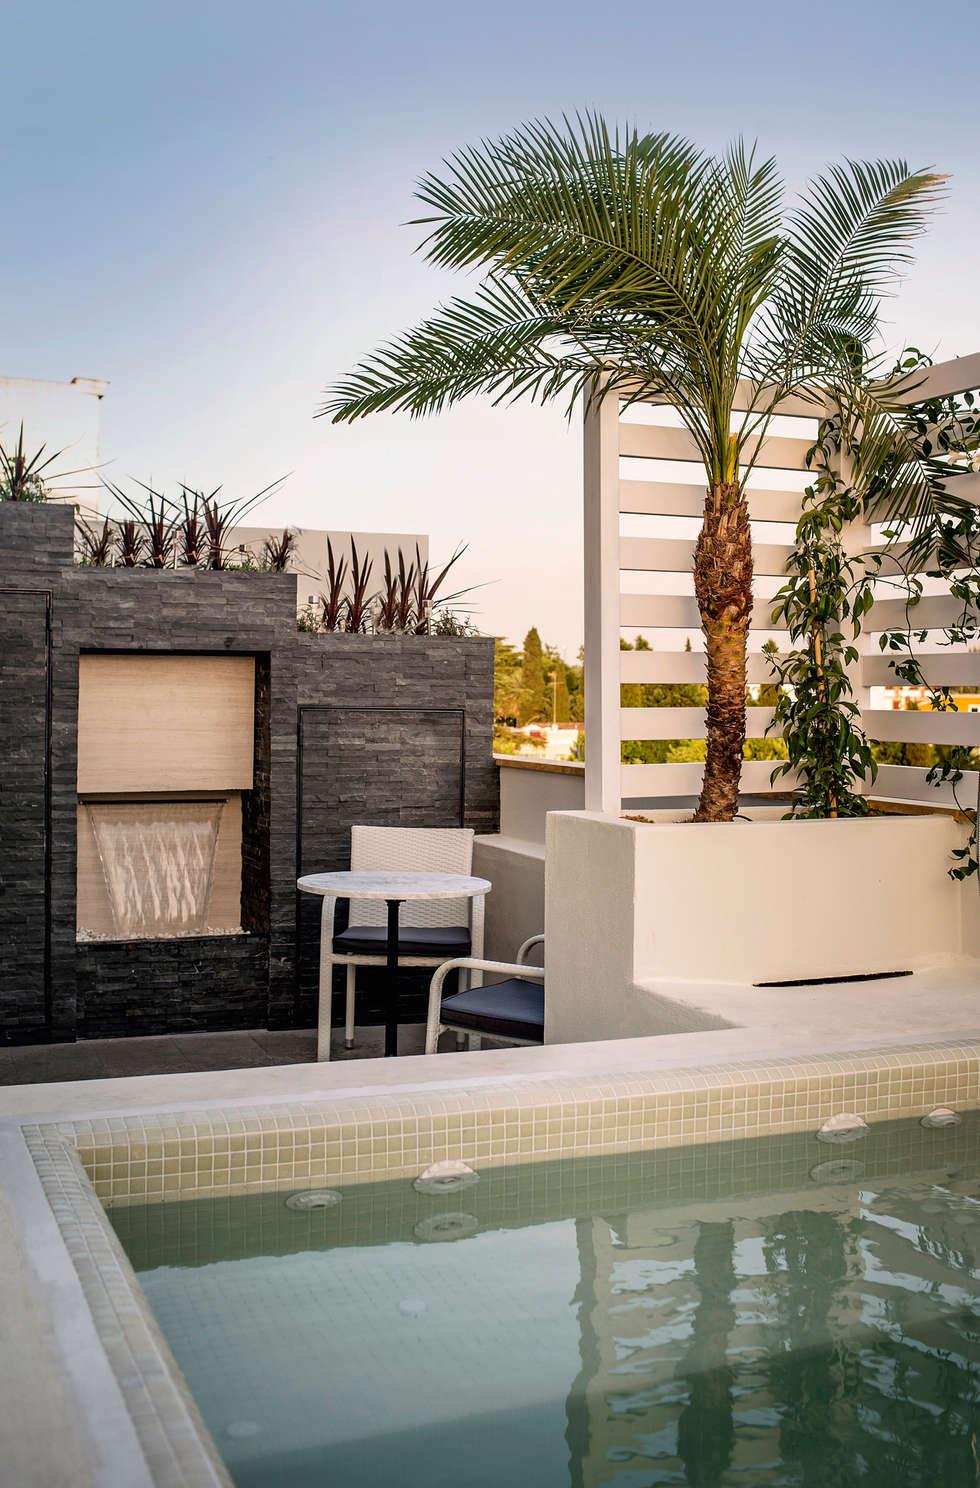 Piscinas de terraza de piscinas en terrazas resultado de imagen de piscina de fibra para - Pergola terraza atico ...